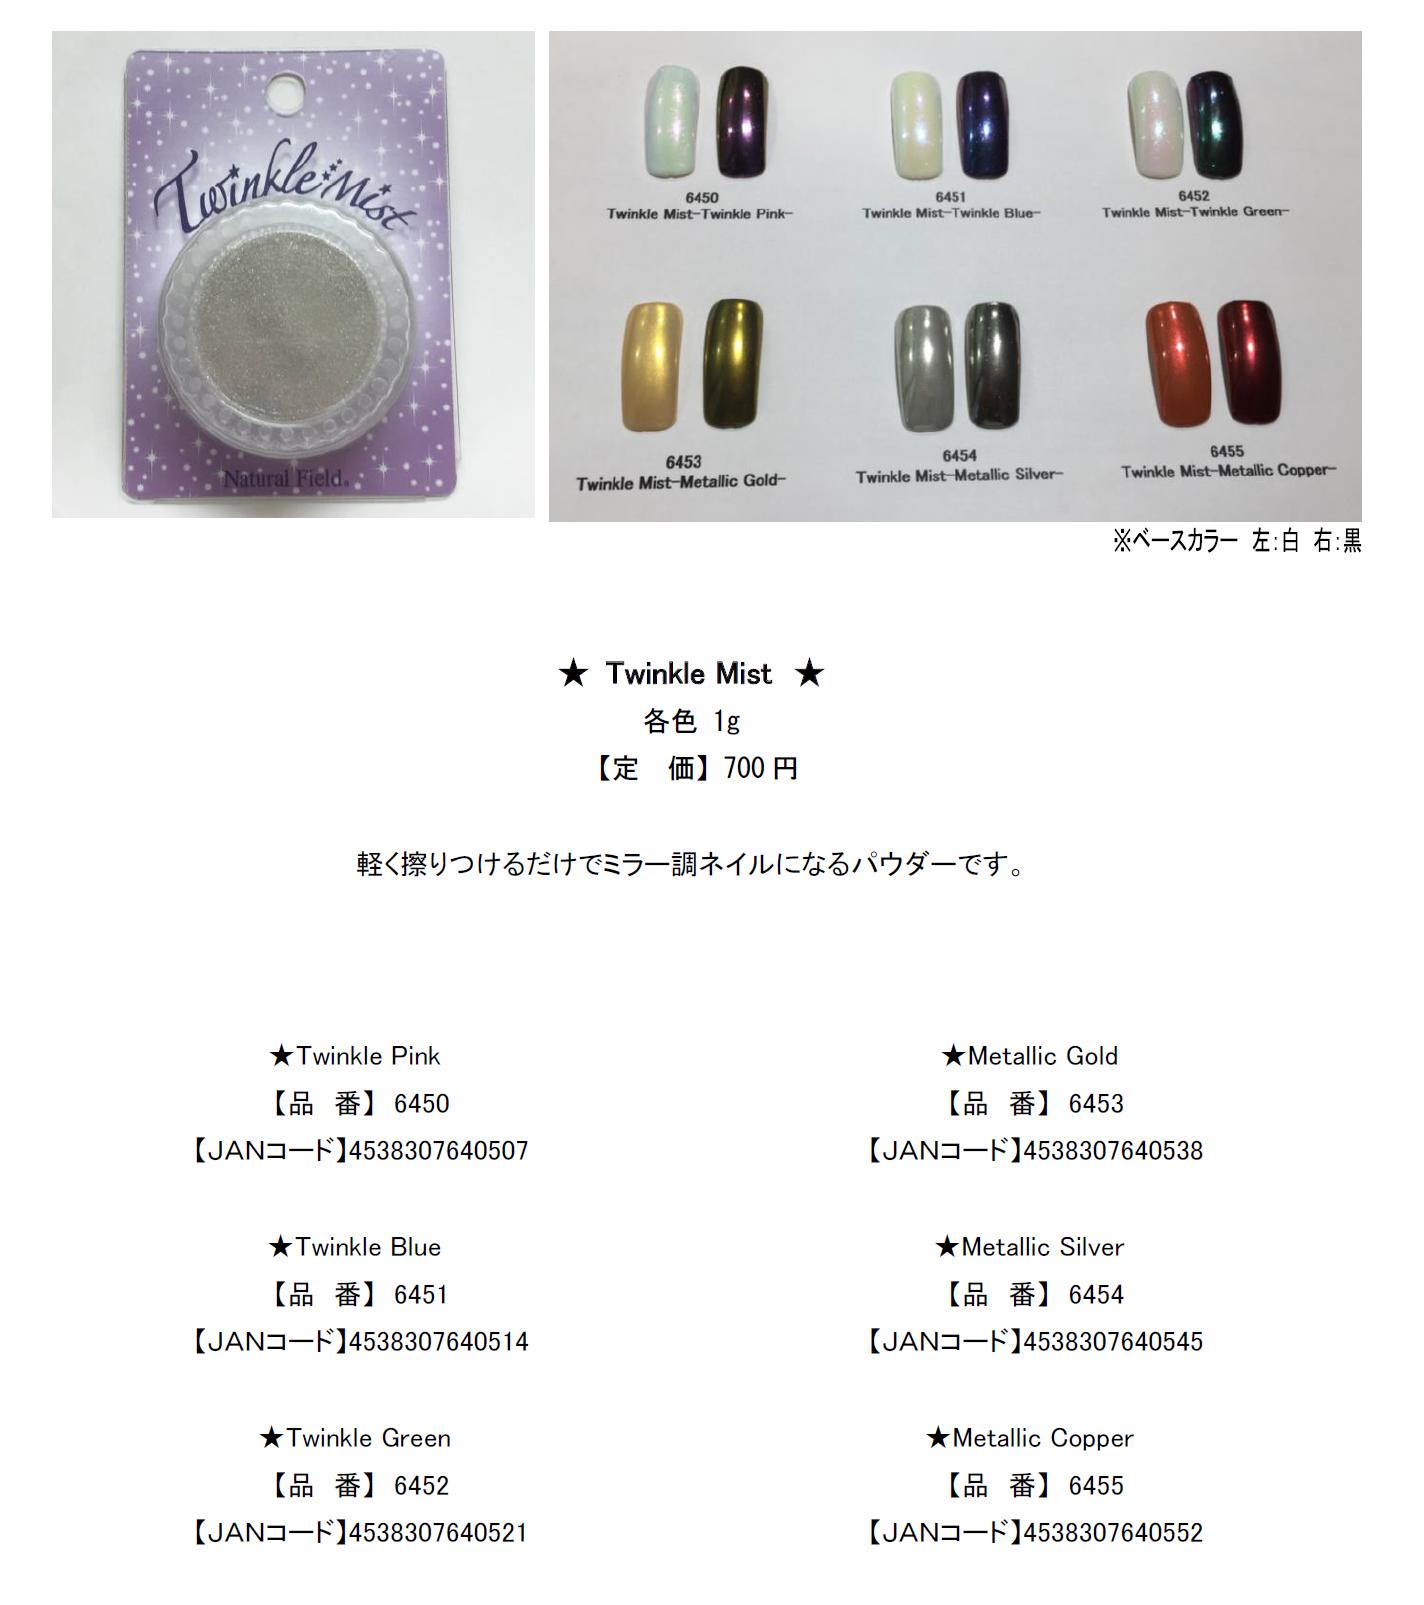 新商品のご案内 -Twinkle Mist-